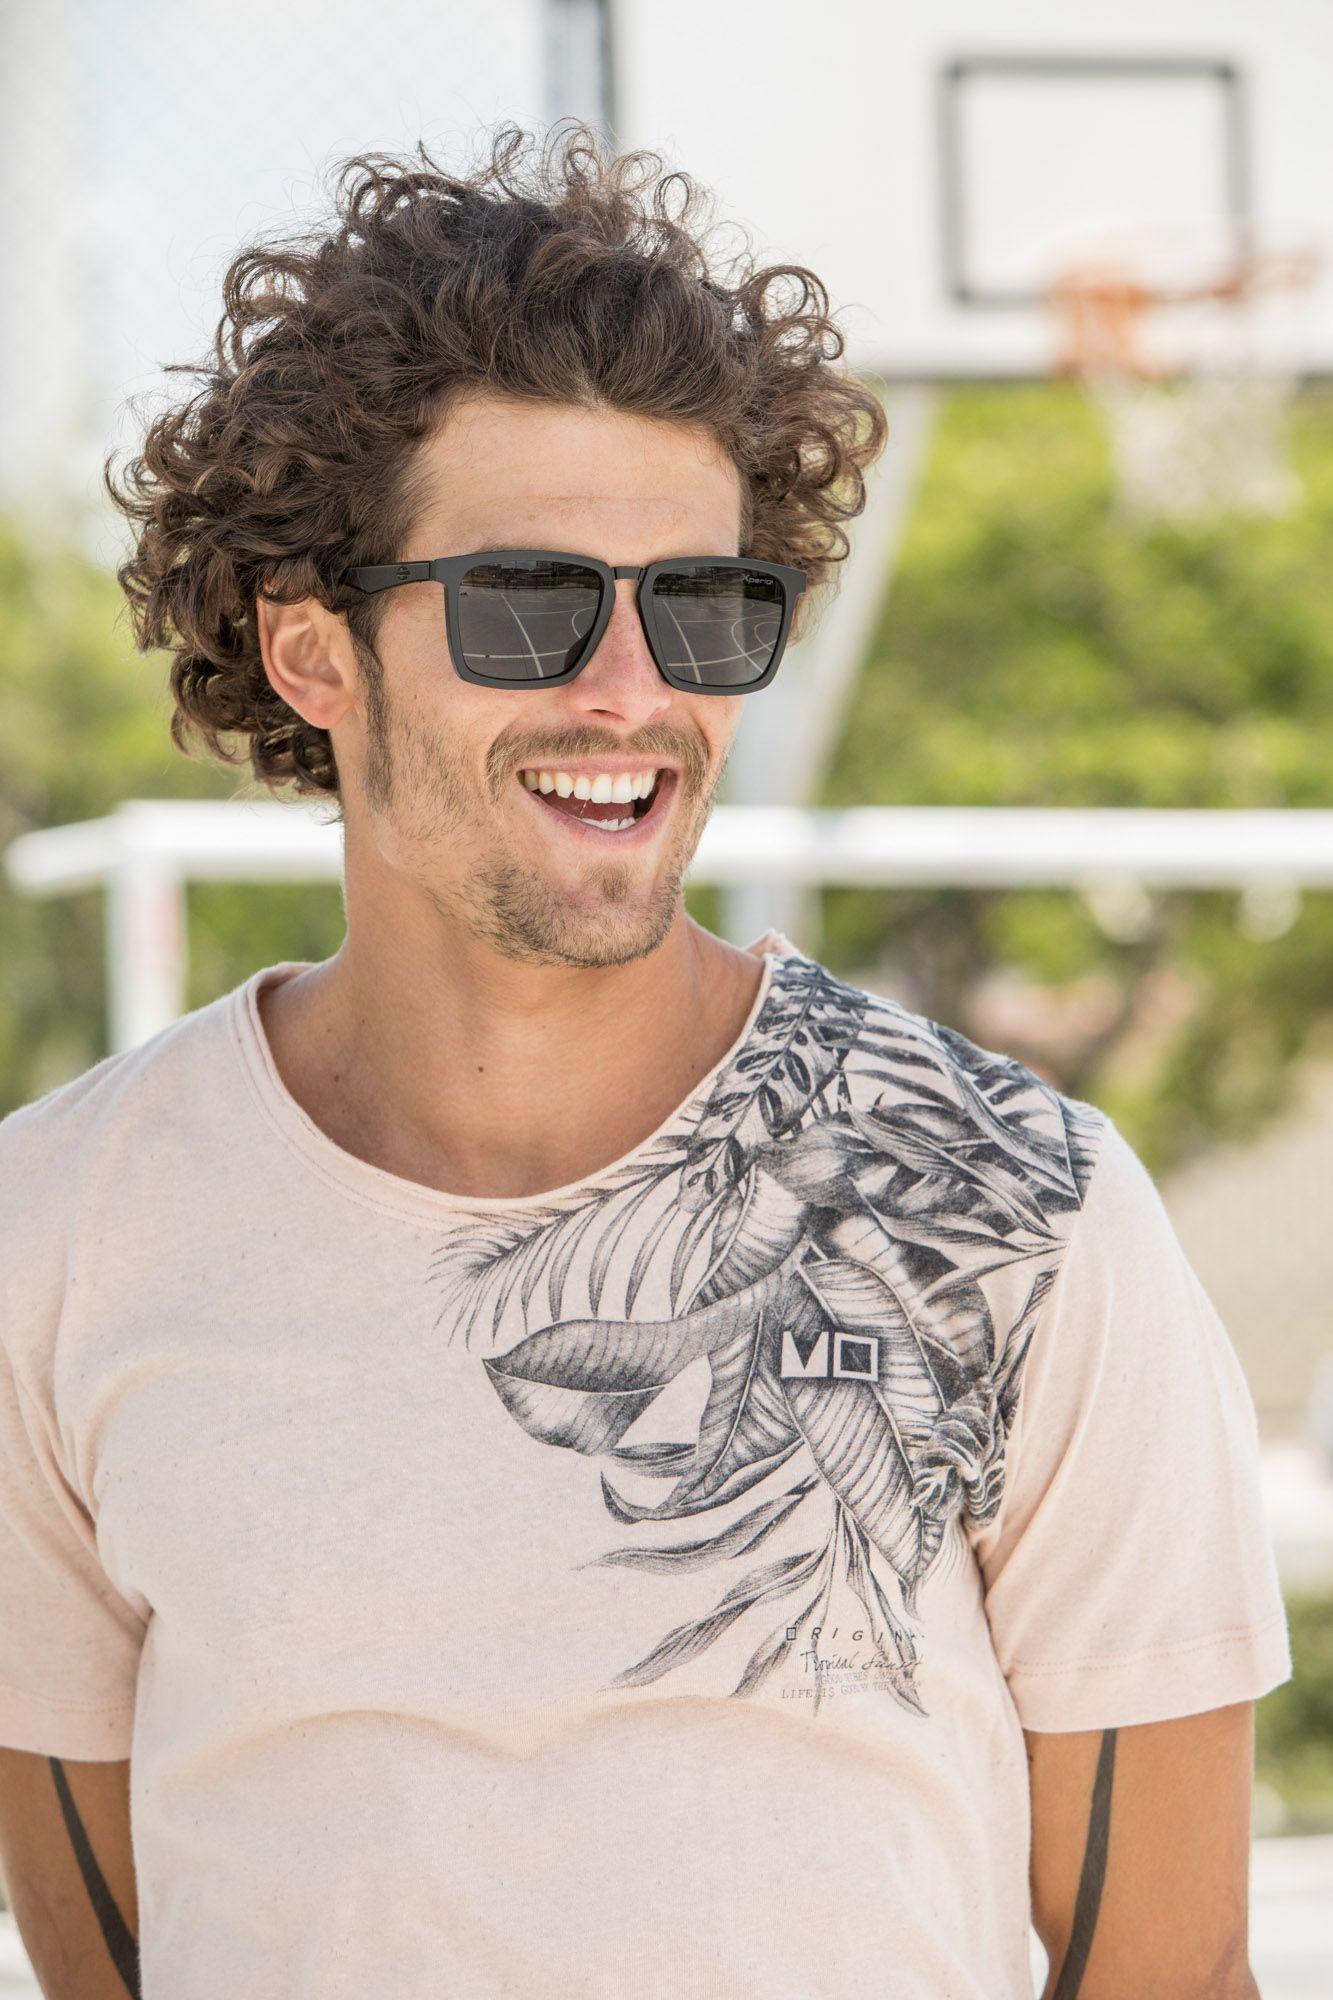 9a223b91a Camiseta maaculina, moda, tendências, lifestyle, óculos, relógios,  confecção, praia